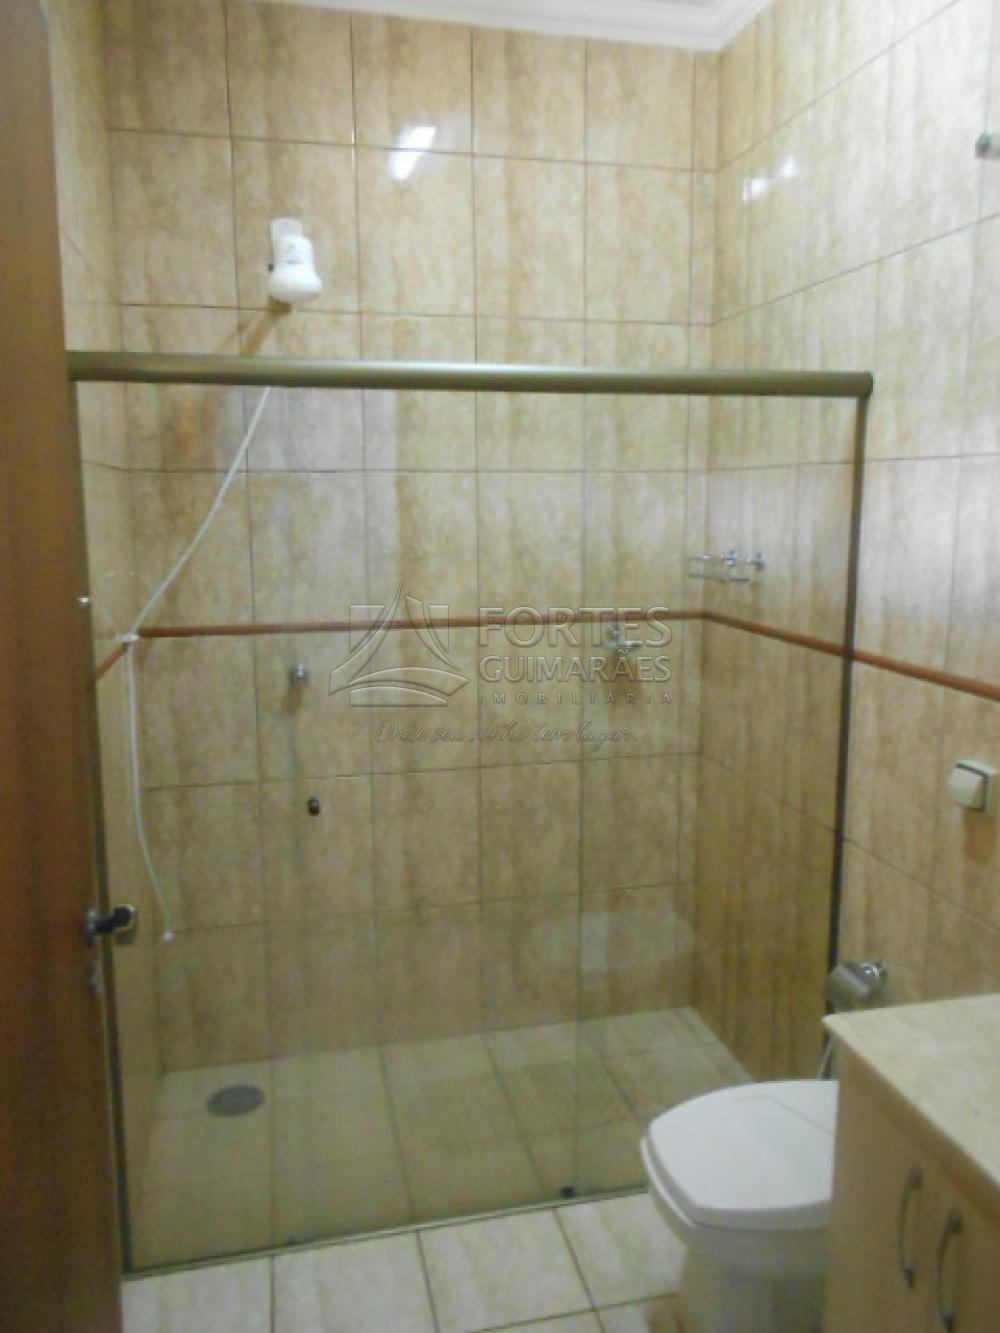 Alugar Casas / Condomínio em Jardinópolis apenas R$ 3.000,00 - Foto 30